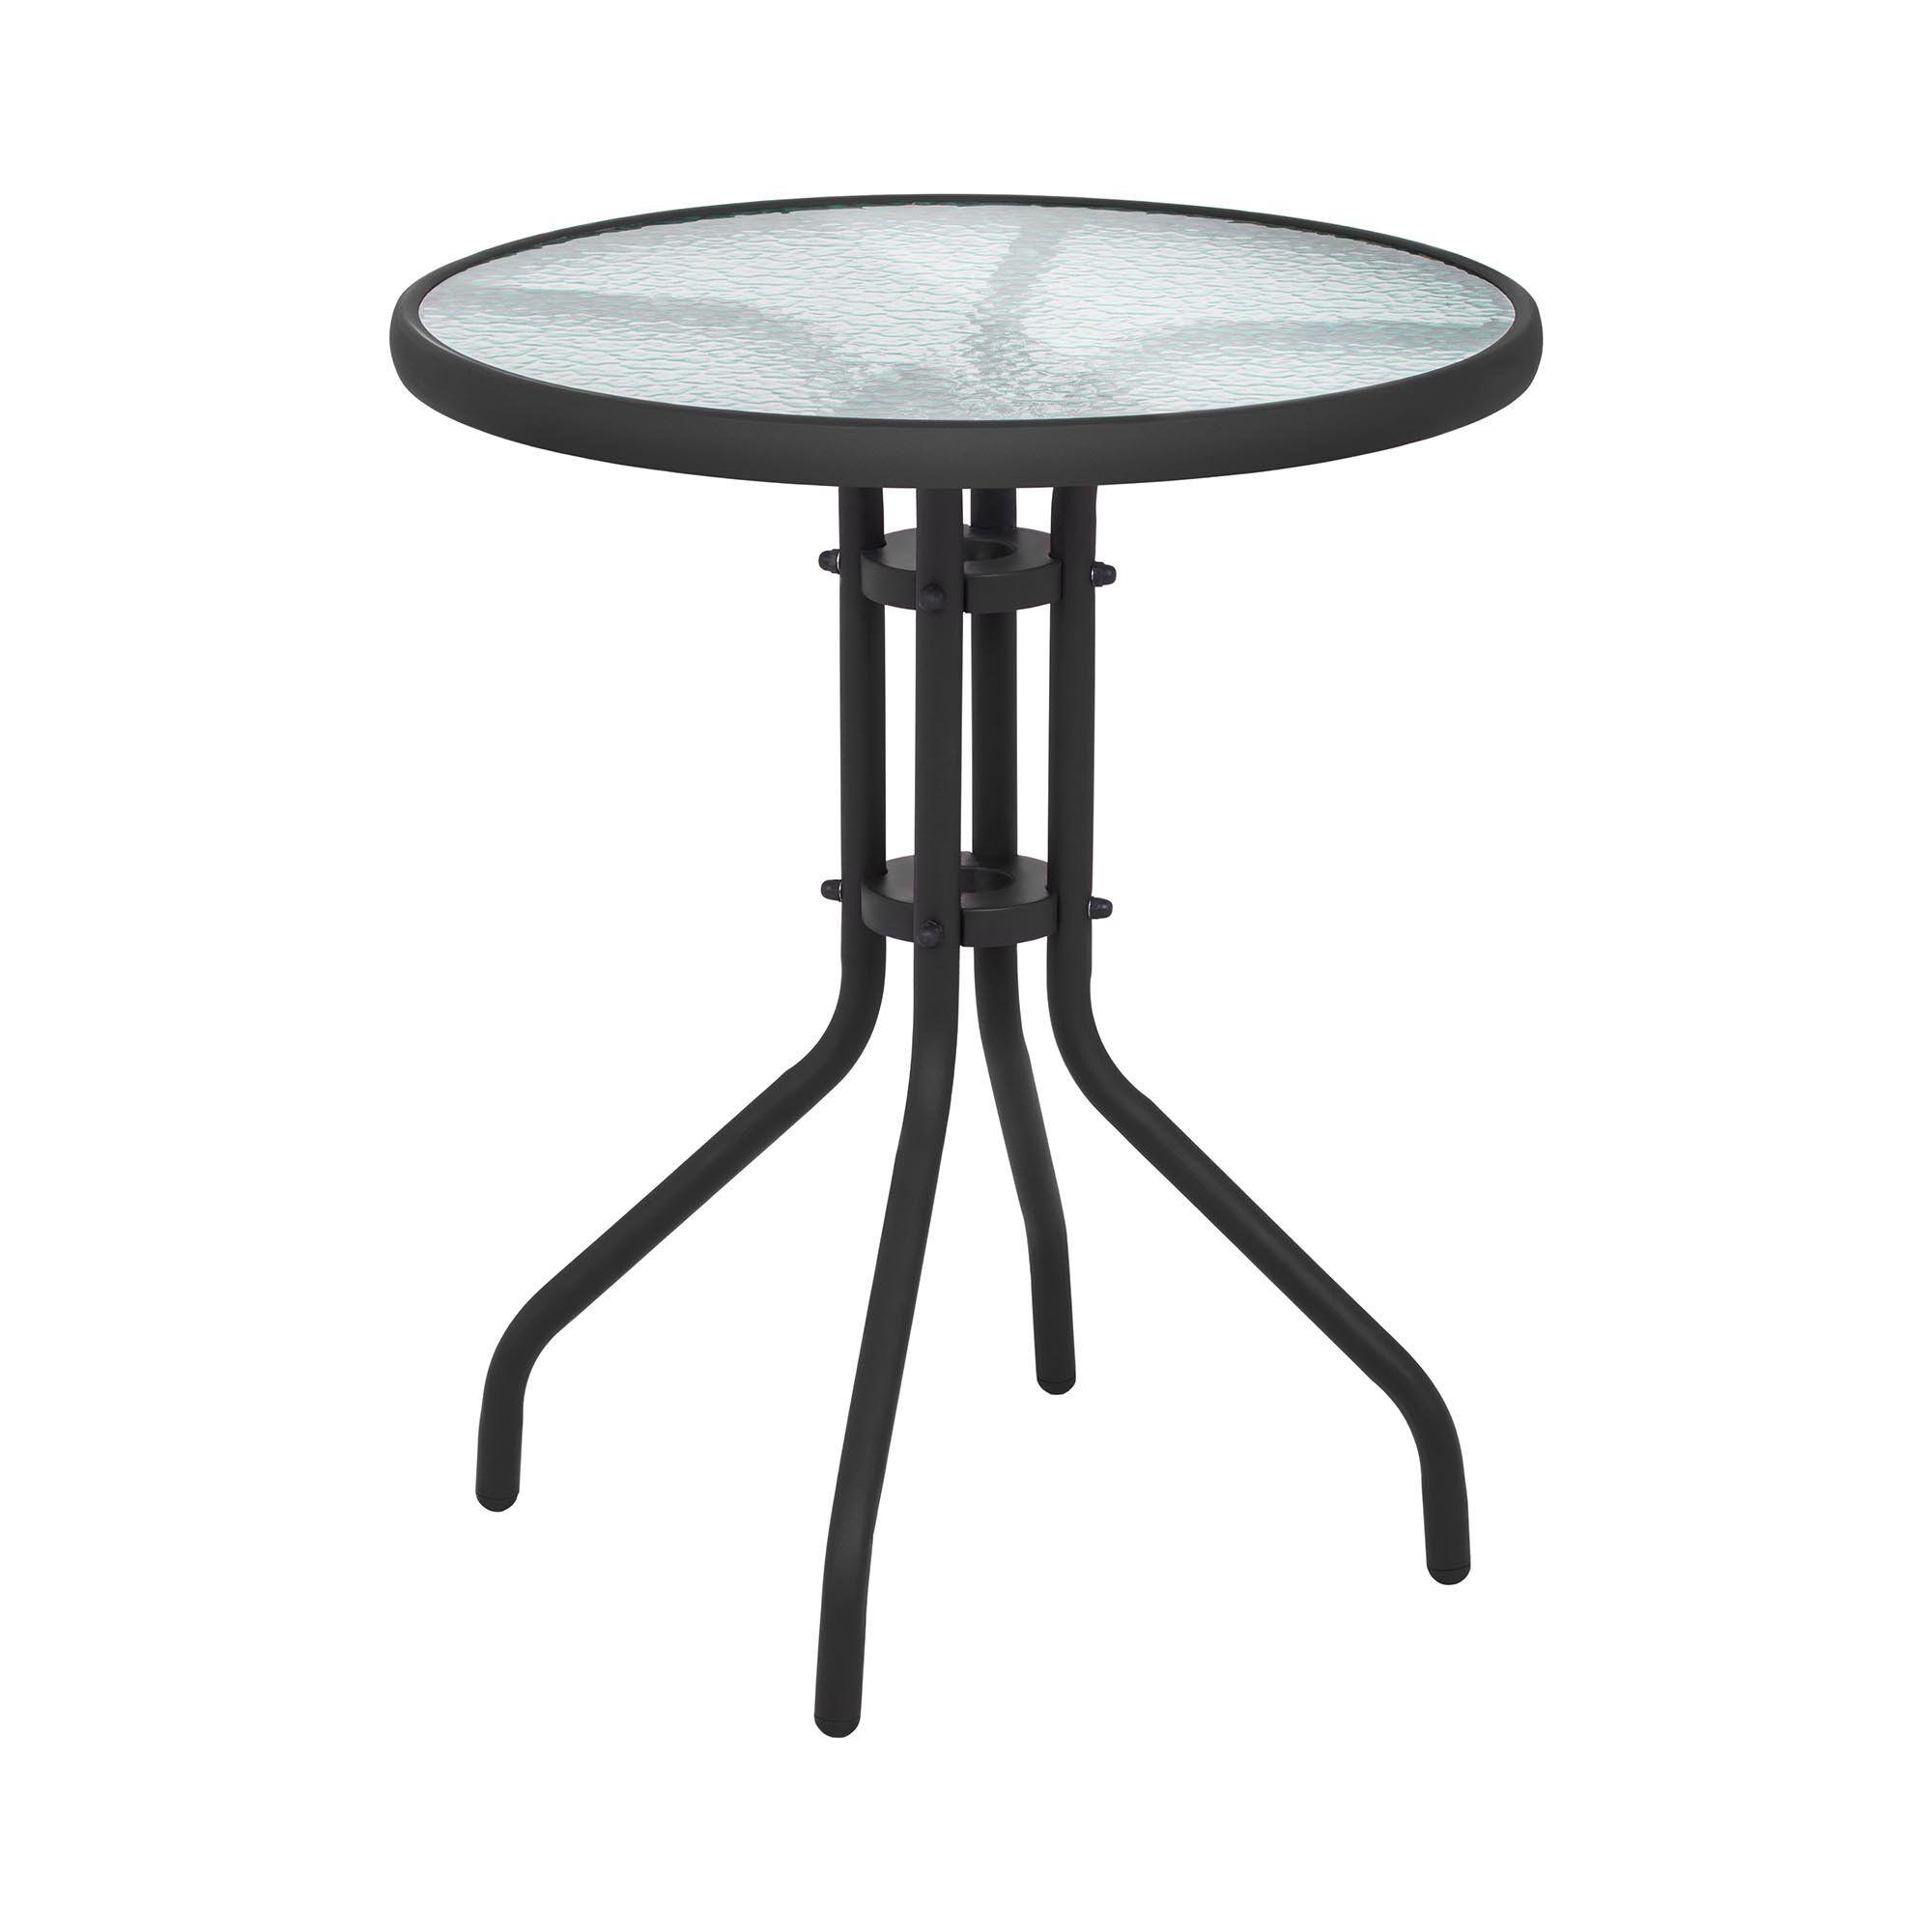 Uniprodo Tavolo da giardino rotondo - Ø 60 cm - Piano in vetro - Nero UNI_TABLE_01